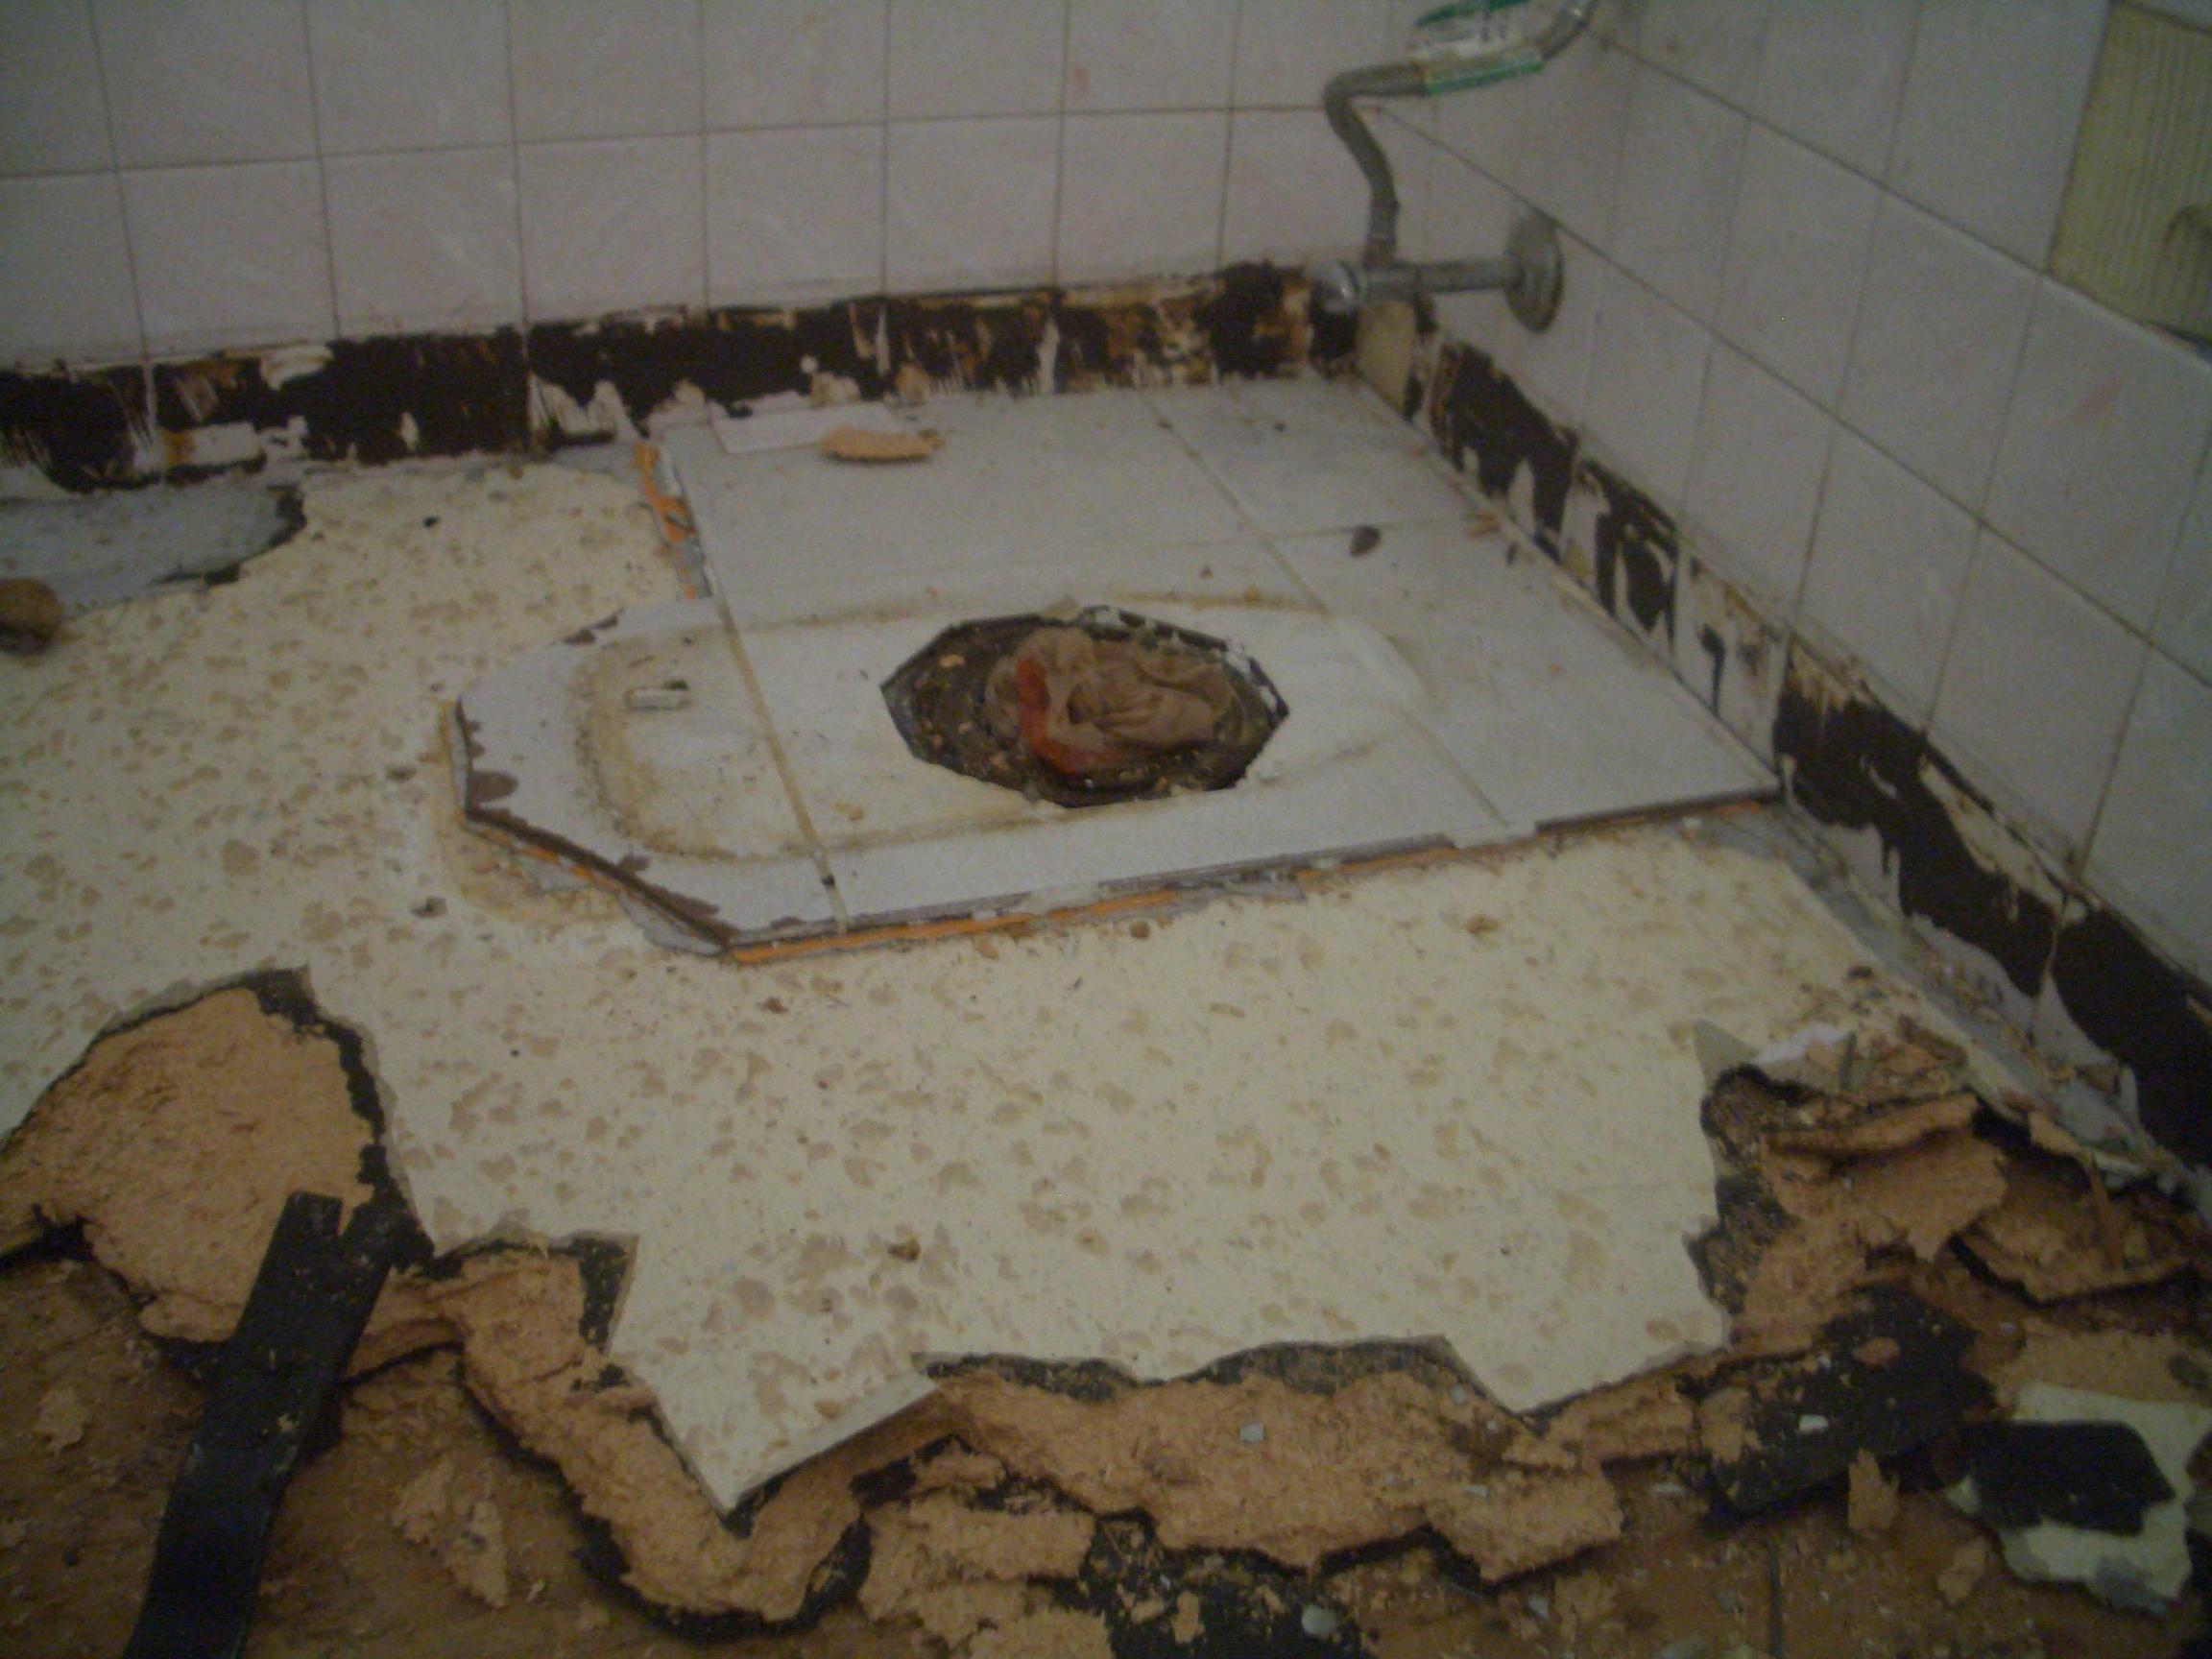 Flawed Tile Work - Materials for tile floor installation